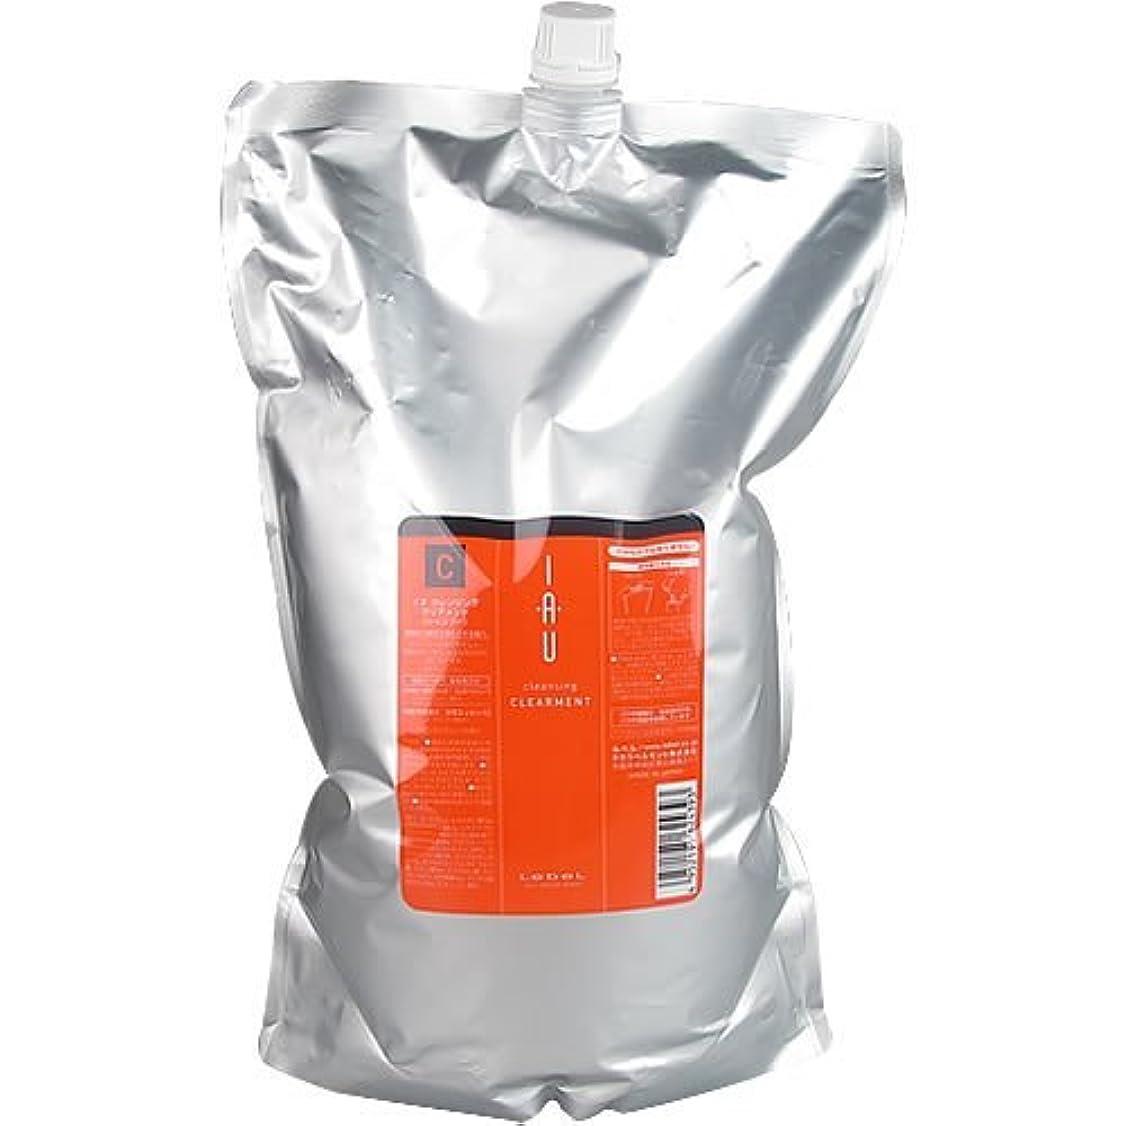 タップ部分リフトルベル(Lebel) イオ クレンジング クリアメント 詰め替え用 2500ml[並行輸入品]